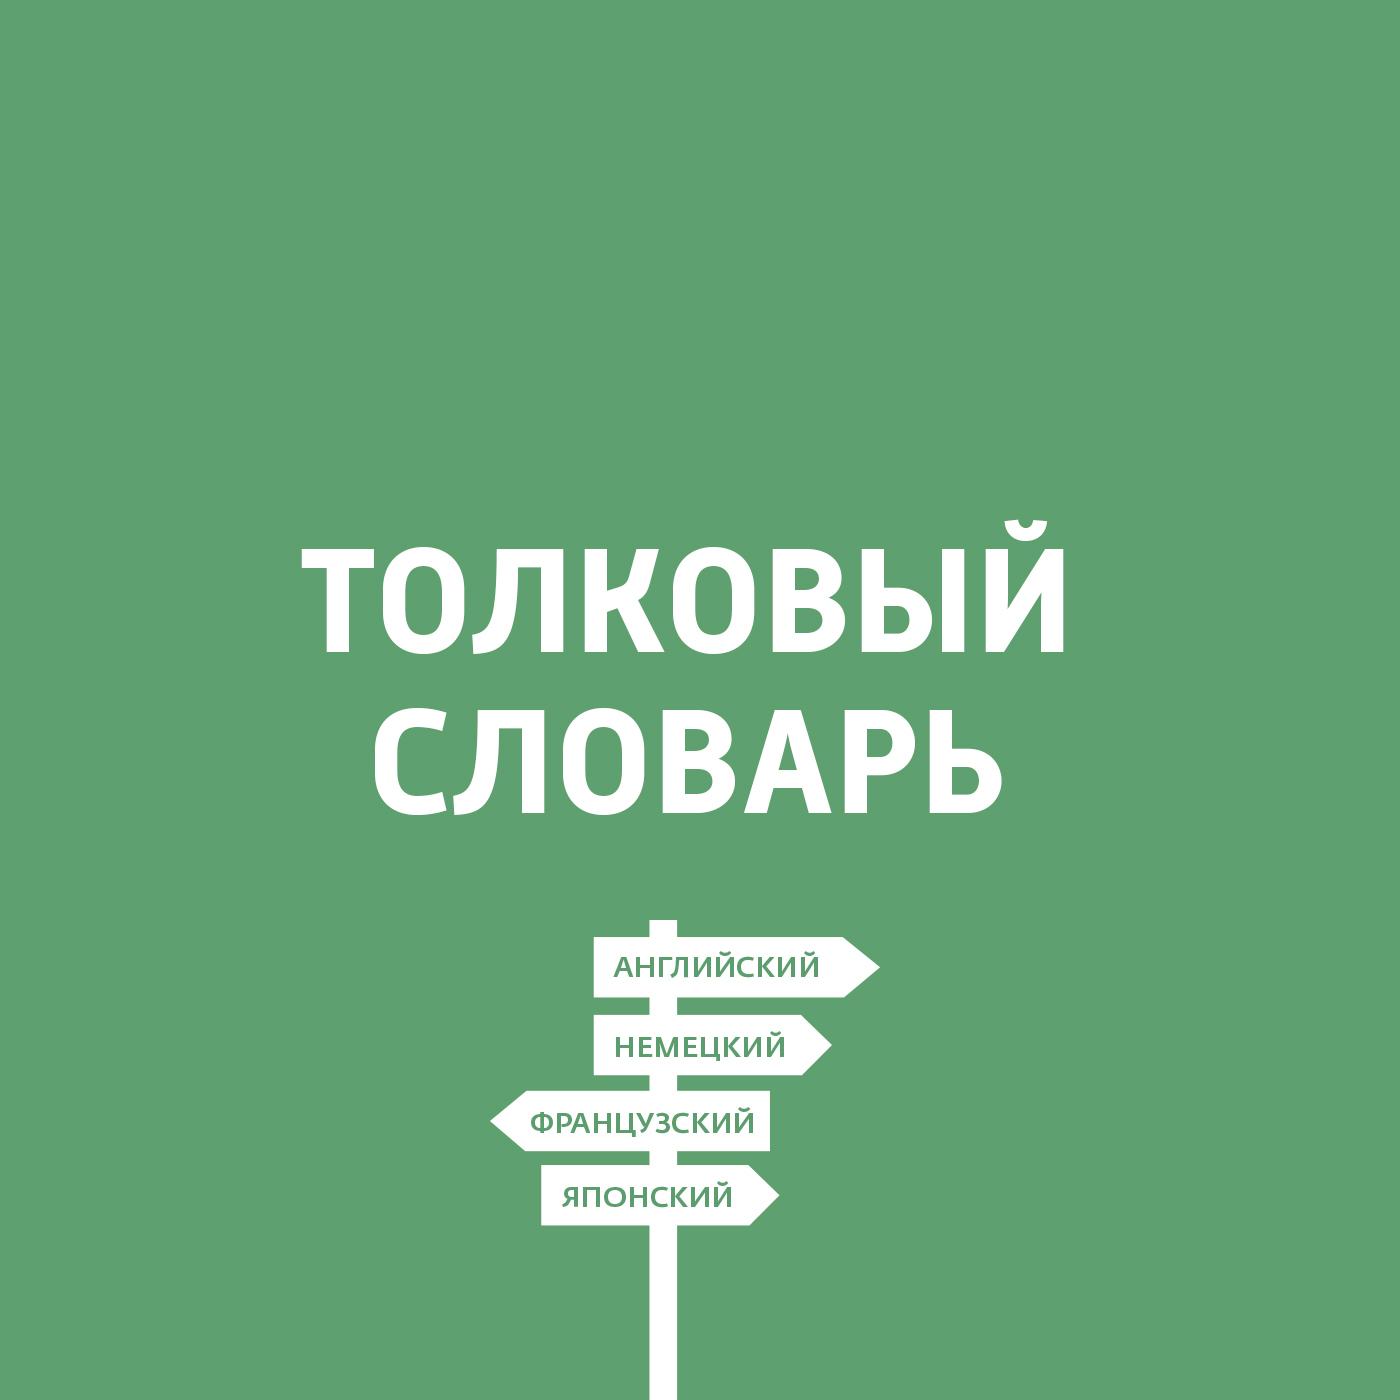 Дмитрий Петров Скандинавские языки дмитрийпреображенский золотые дыхательные методики здоровья